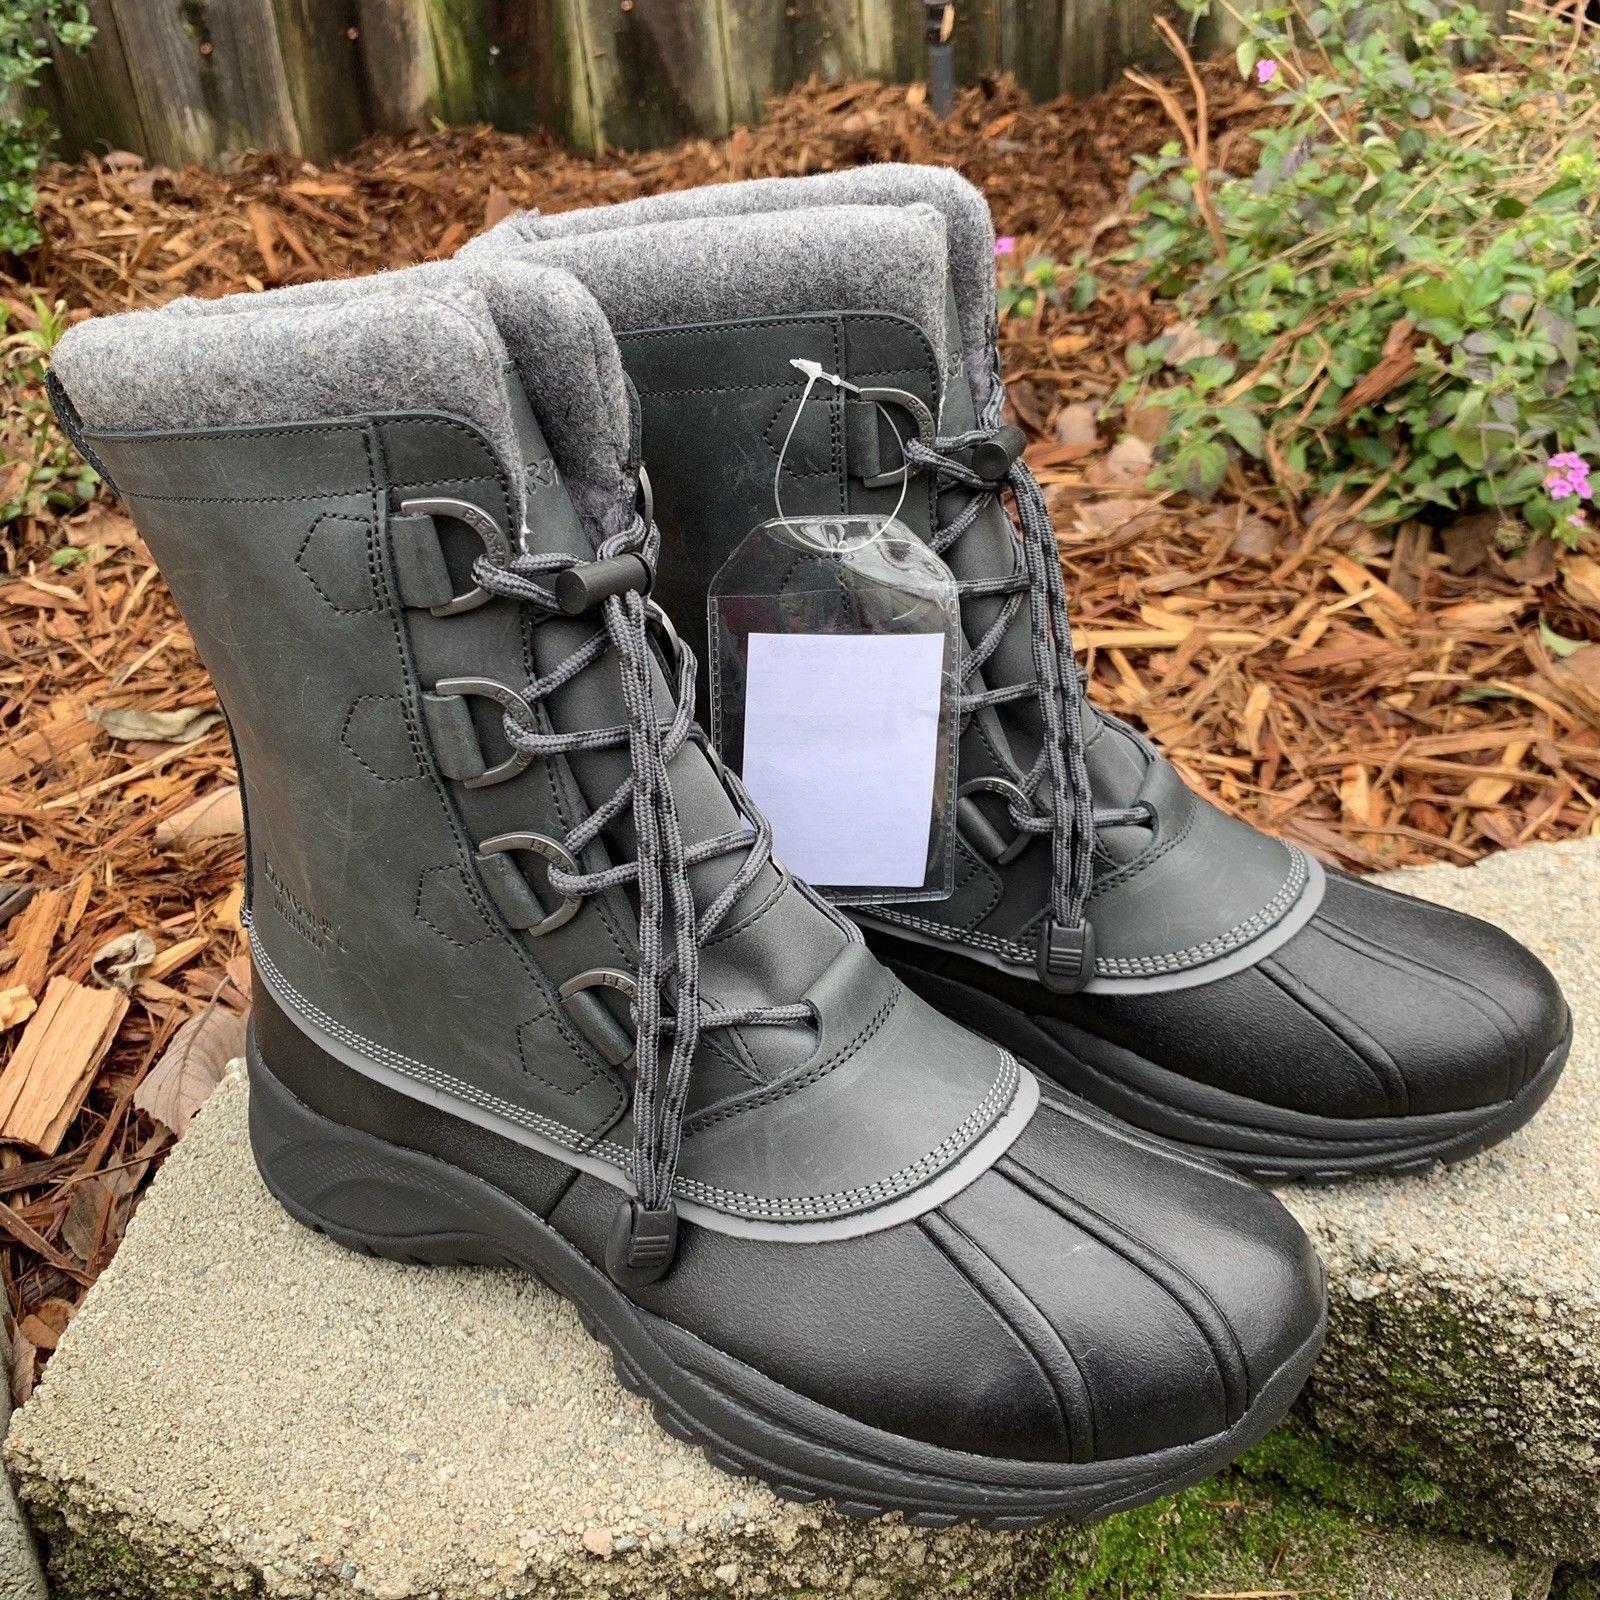 Neu  Bearpaw Colton Schlamm Stiefel Grau Wasserfest Allwetter Schnee Herren 9     | Wirtschaftlich und praktisch